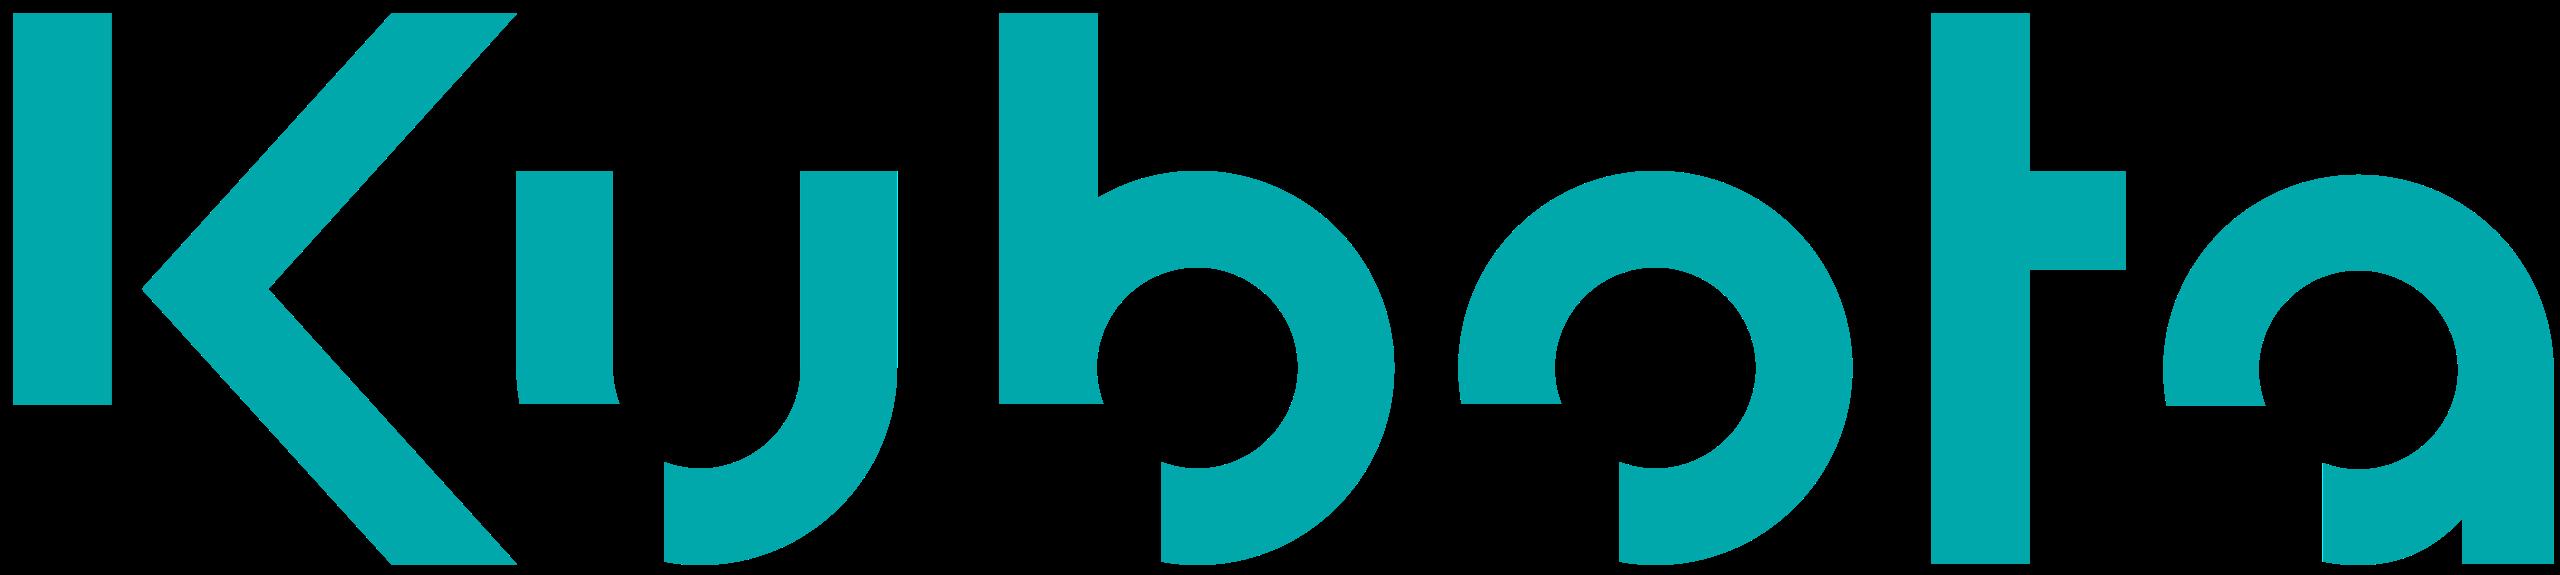 Logo for Kubota